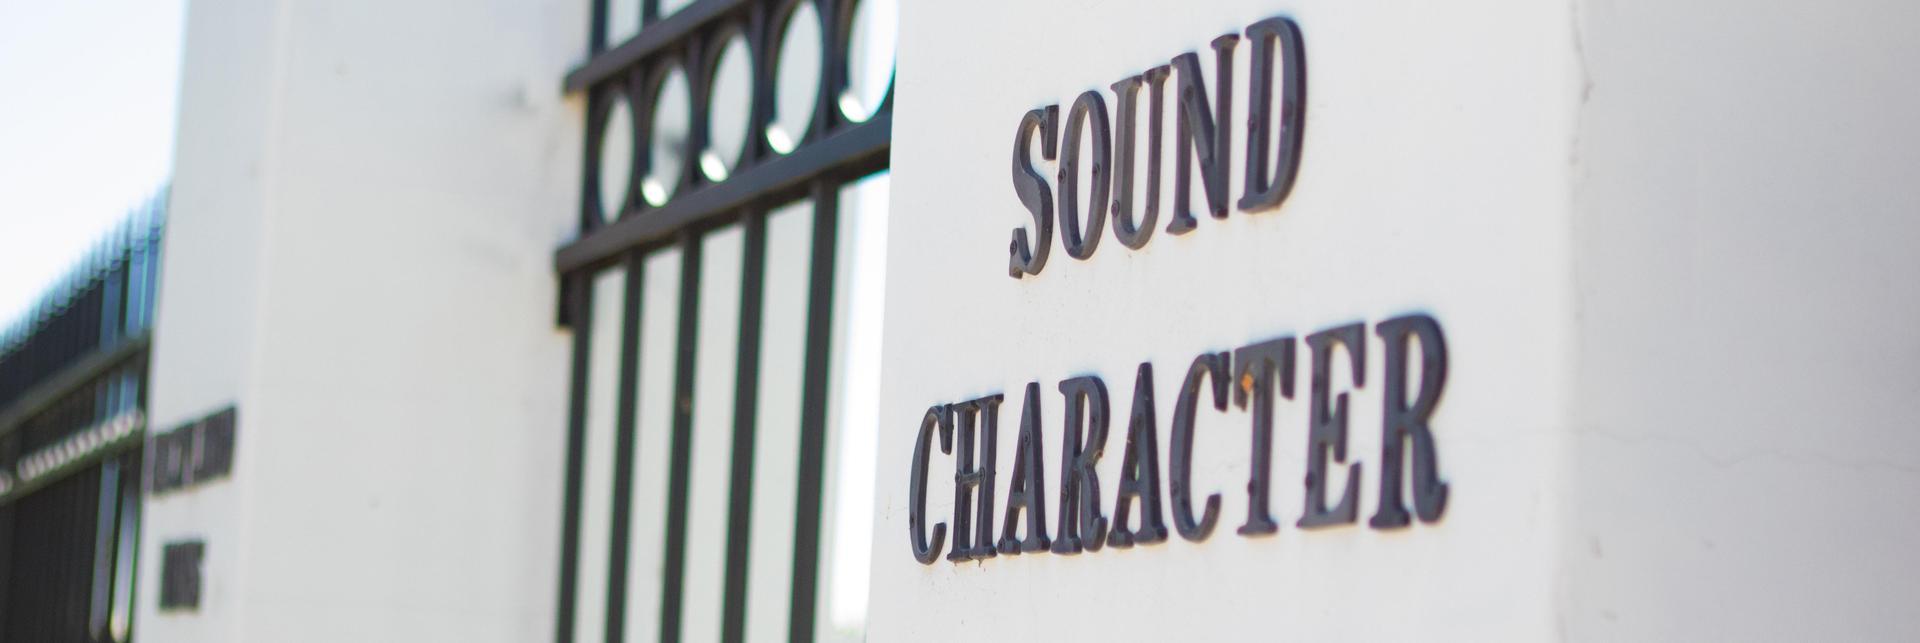 Sound Character Pillar